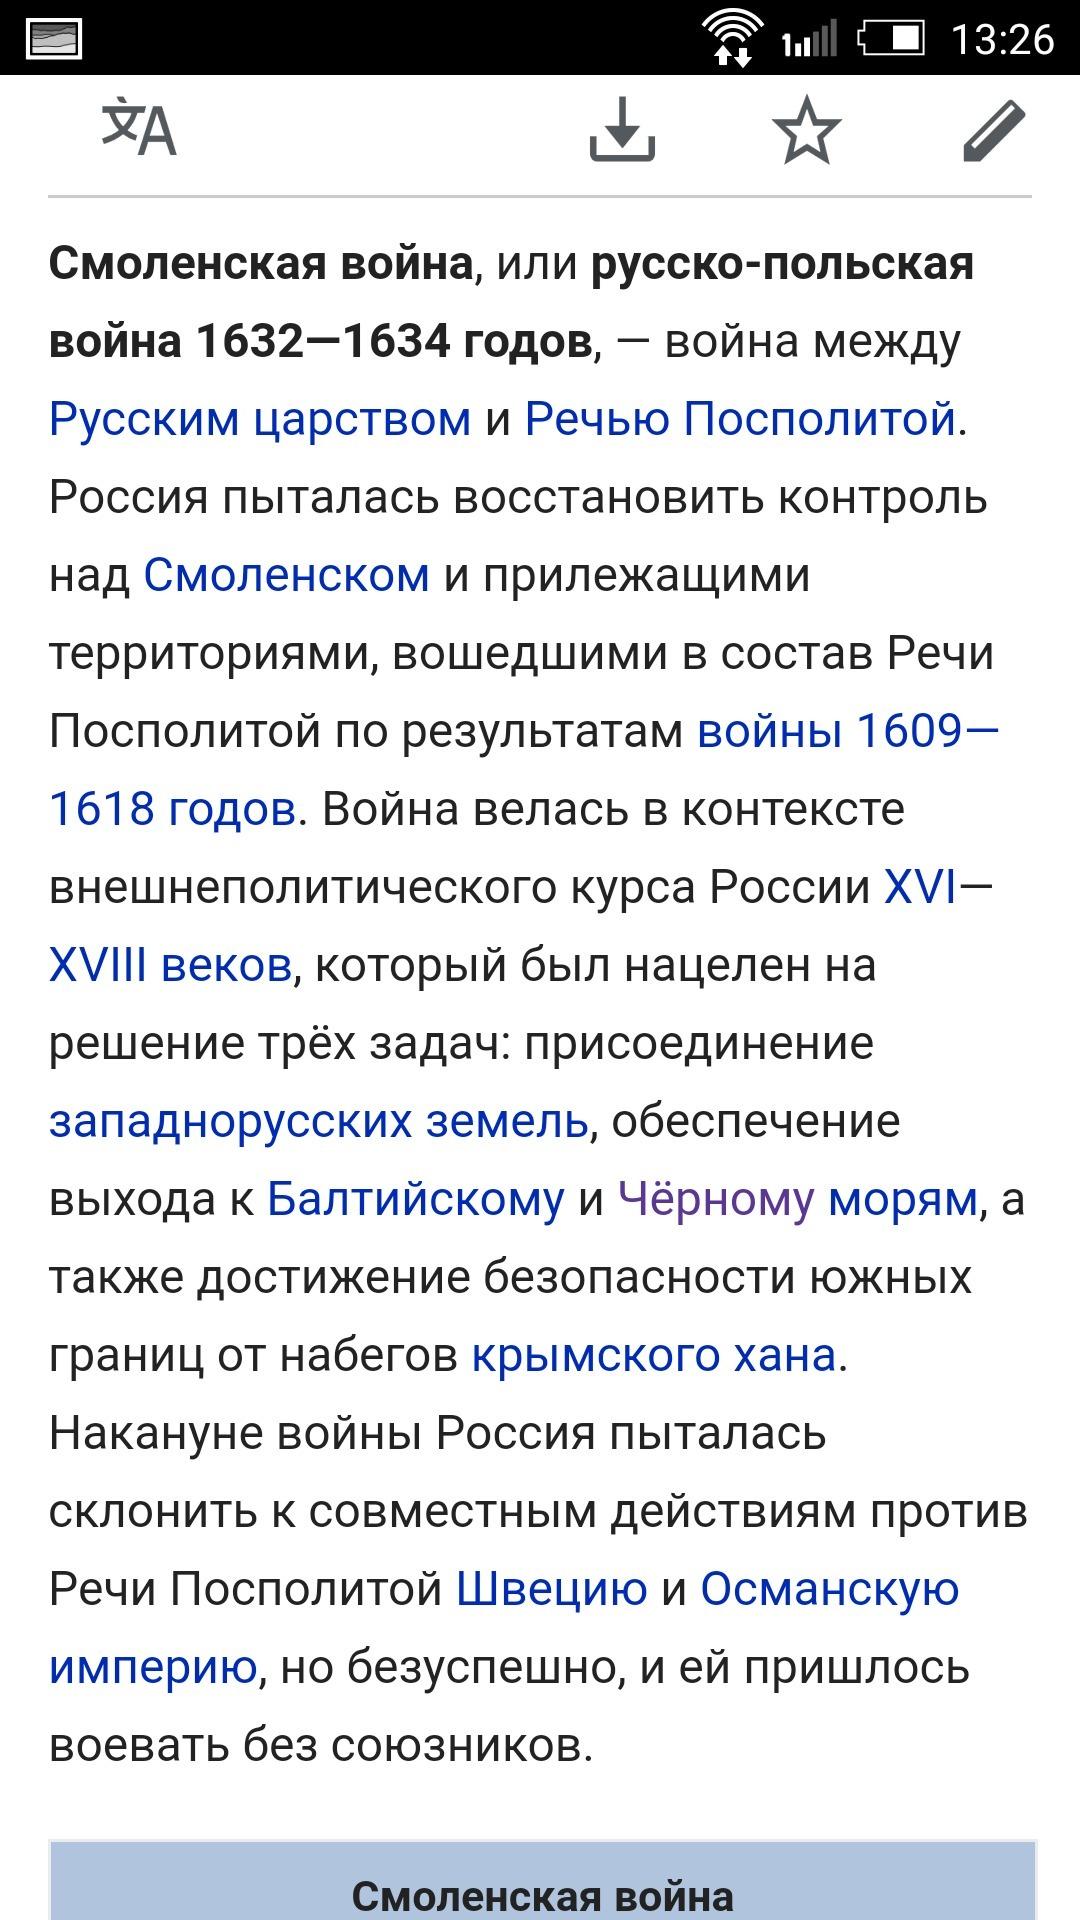 польская интервенция в россии